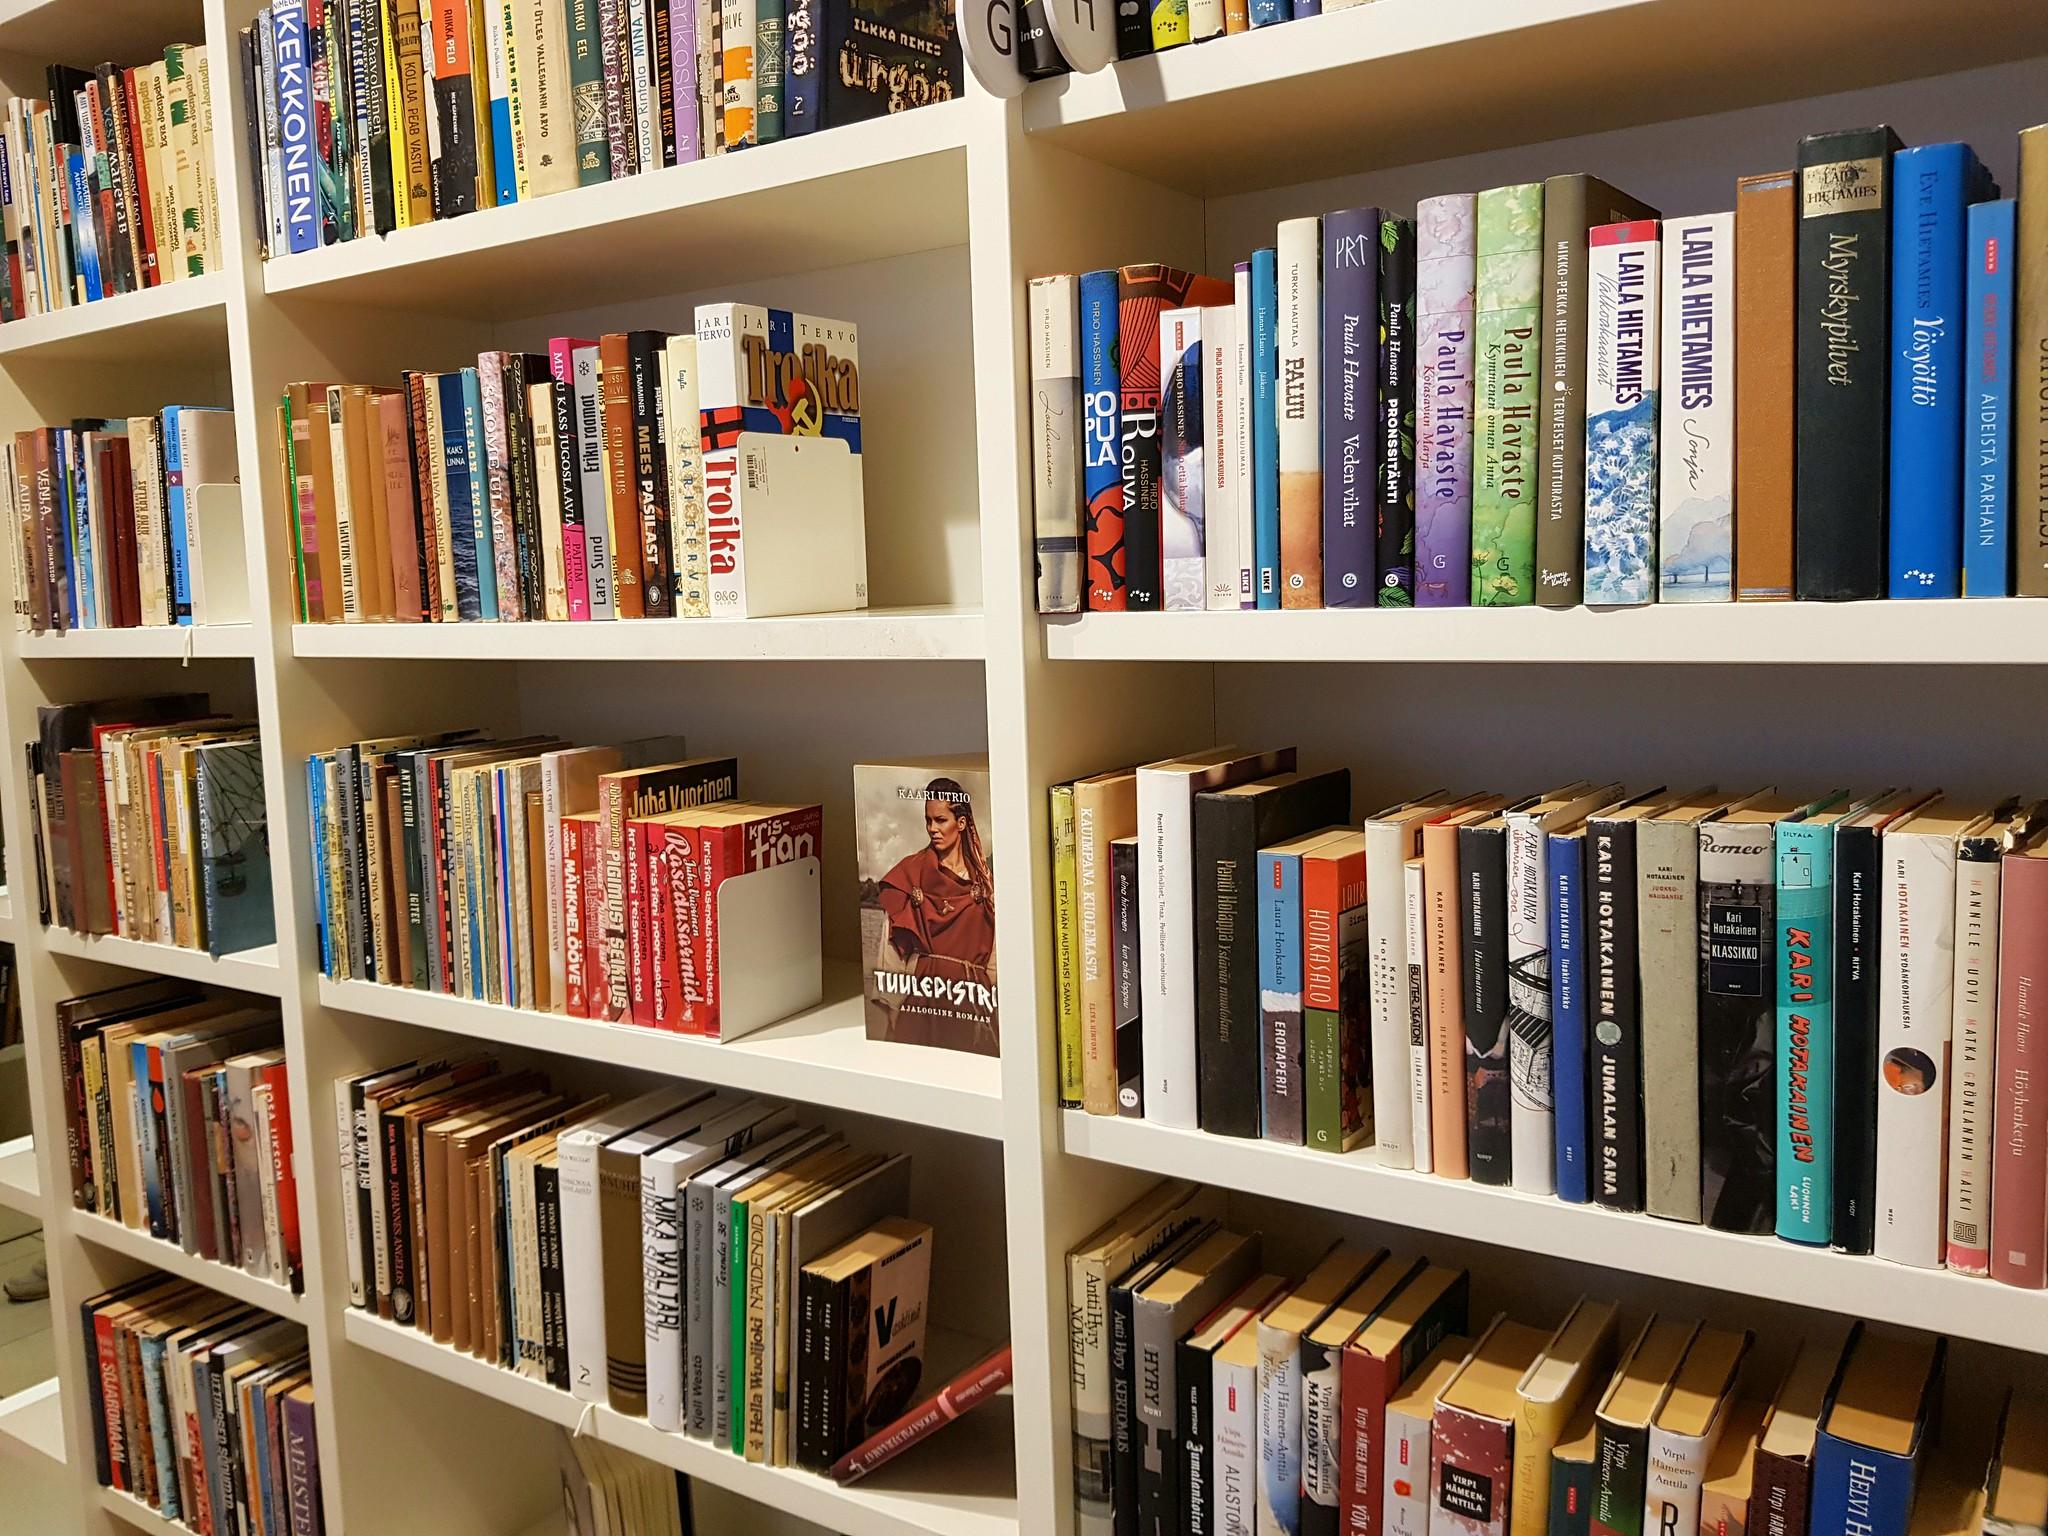 Suomen Viron-instituutin kirjasto avaa ovensa maanantaina 25. toukokuuta